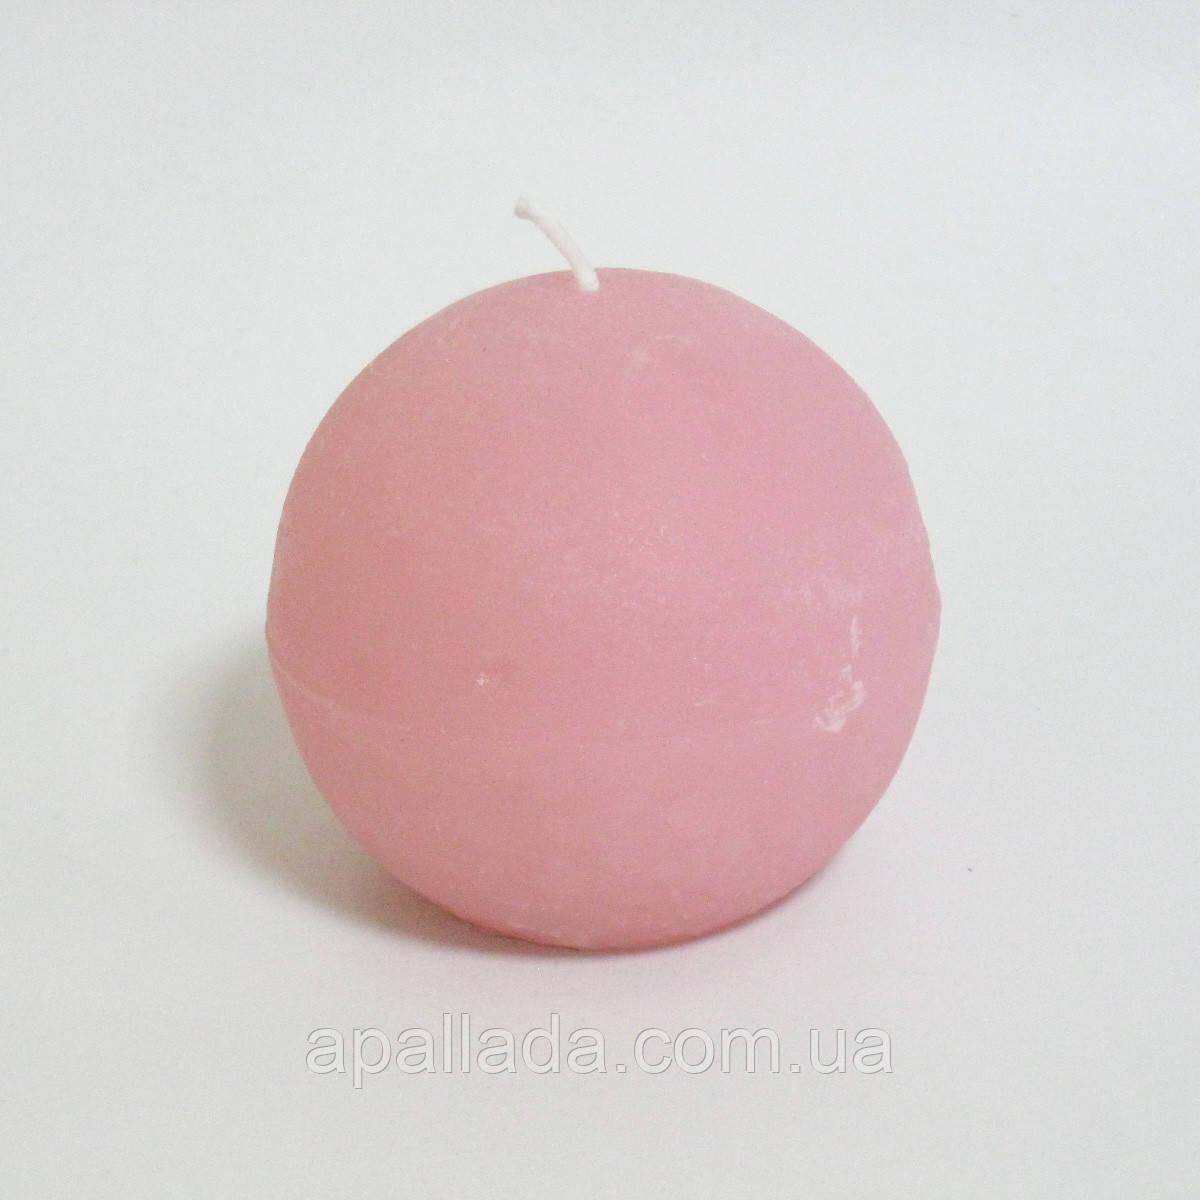 Свеча в форме шара 7 см, цвет - персиковый